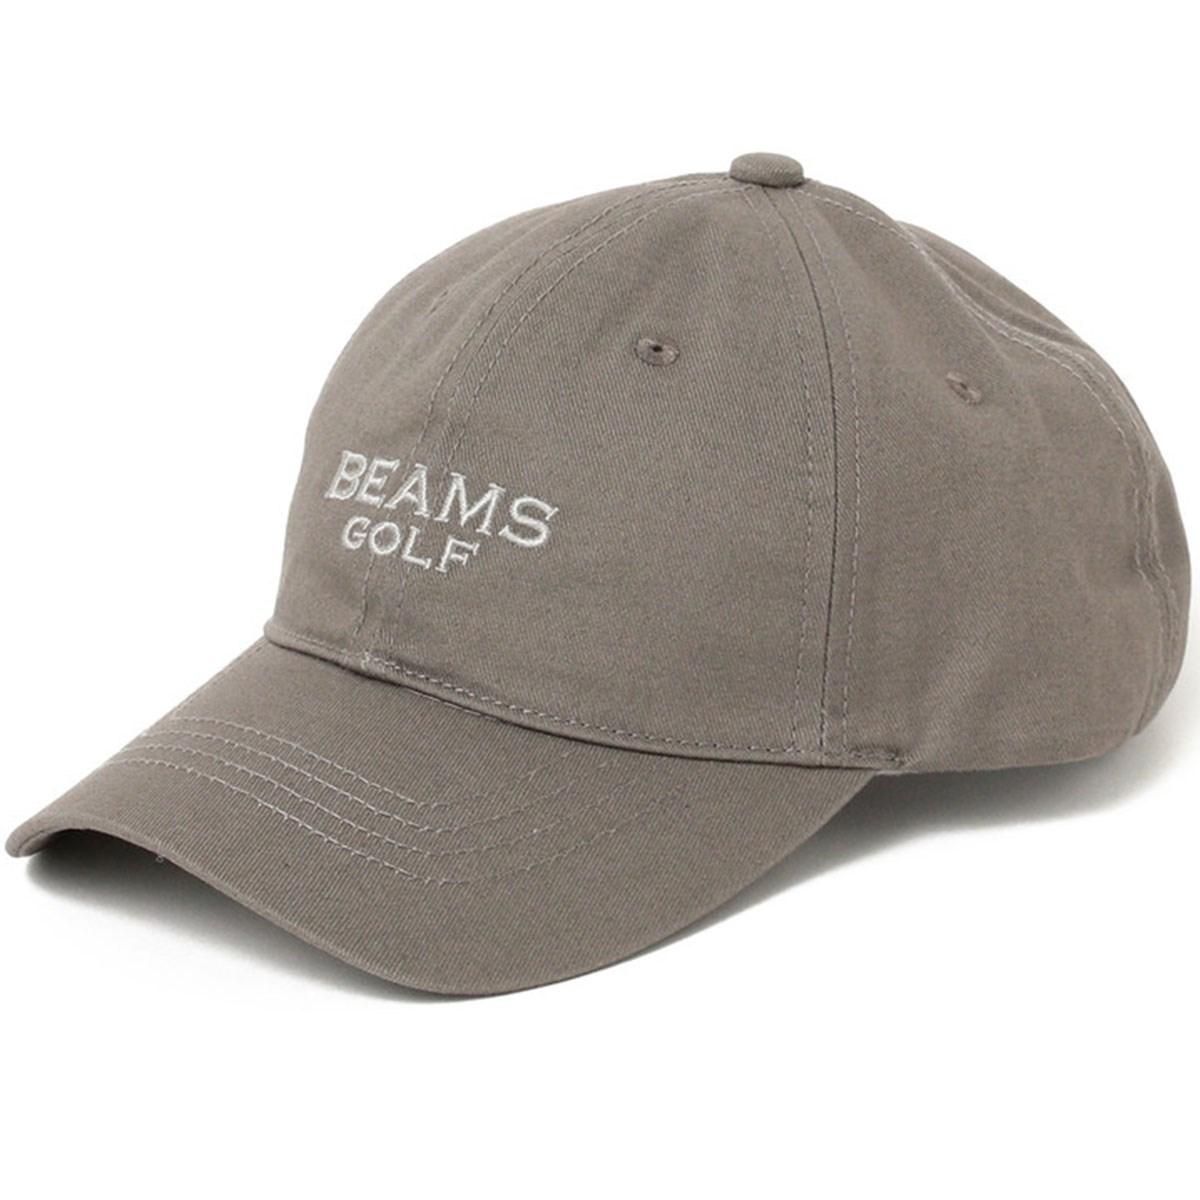 ビームスゴルフ BEAMS GOLF PURPLE LABEL オリジナル キャップ